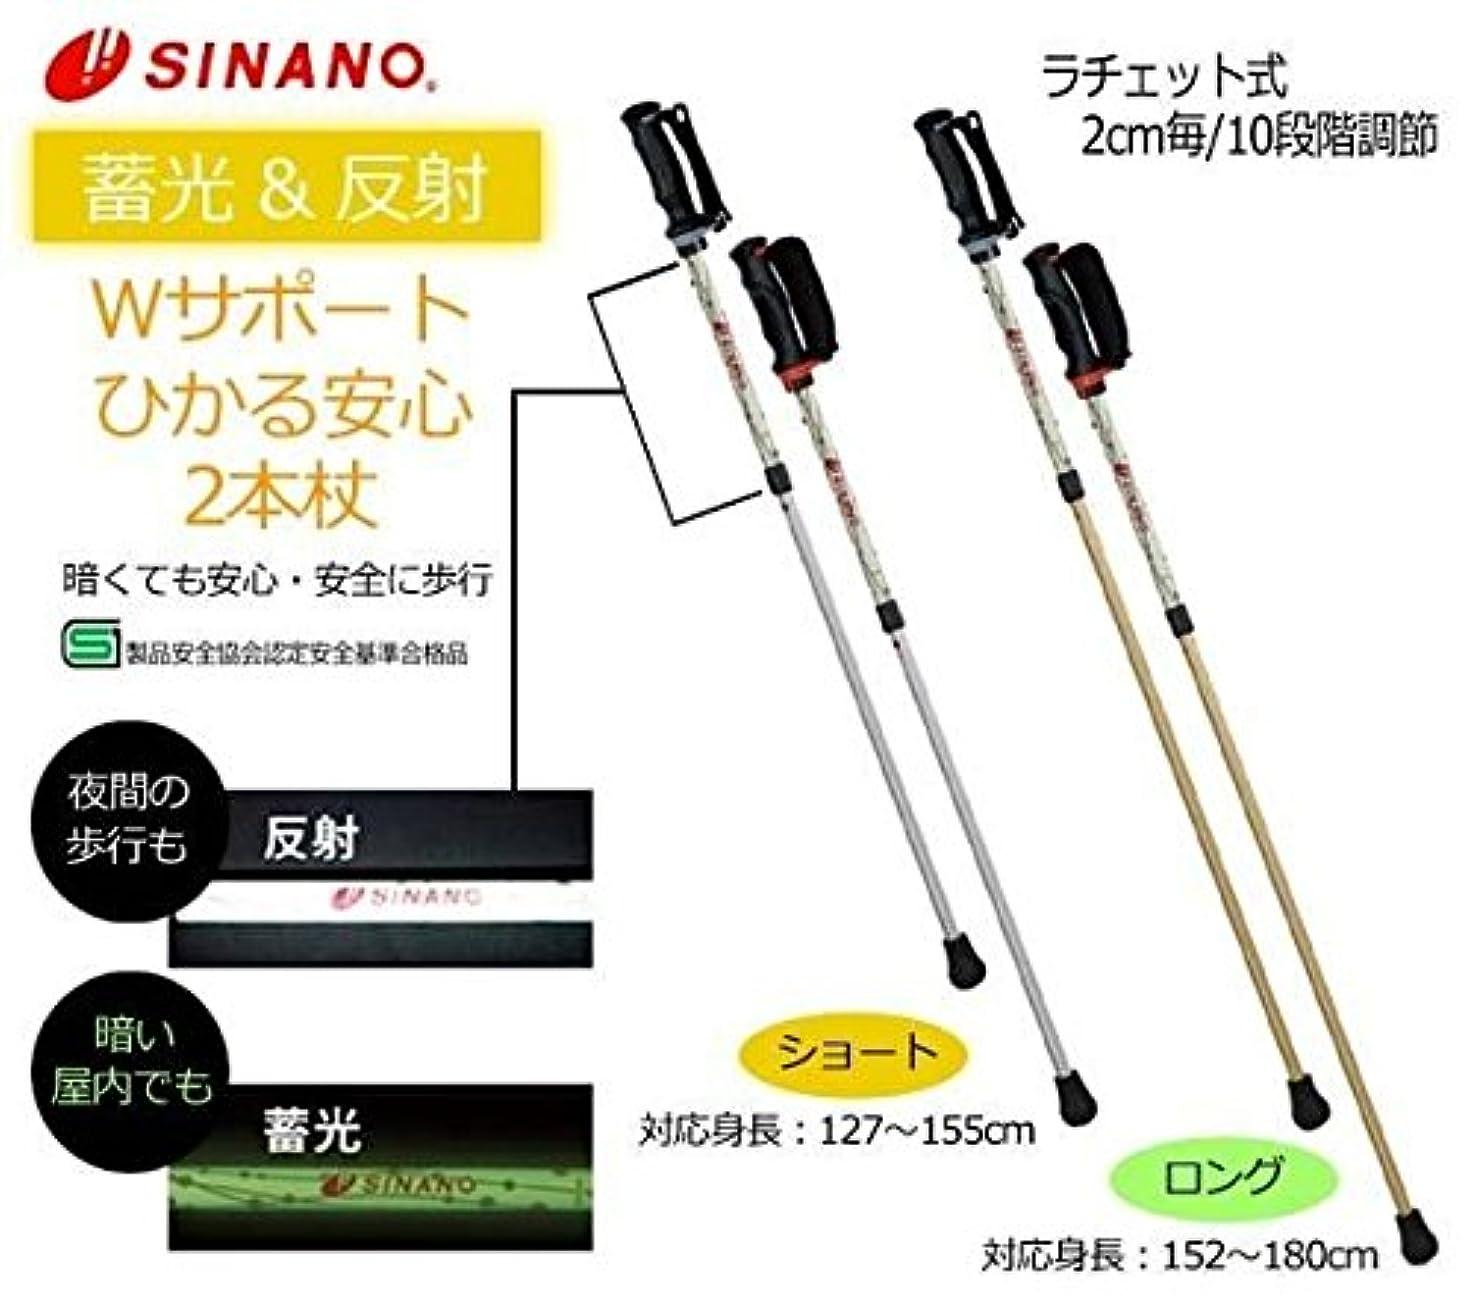 実行する後継貫通するSINANO シナノ ウォーキングポール ひかる安心2本杖 ■2種類の内「ショート」のみです